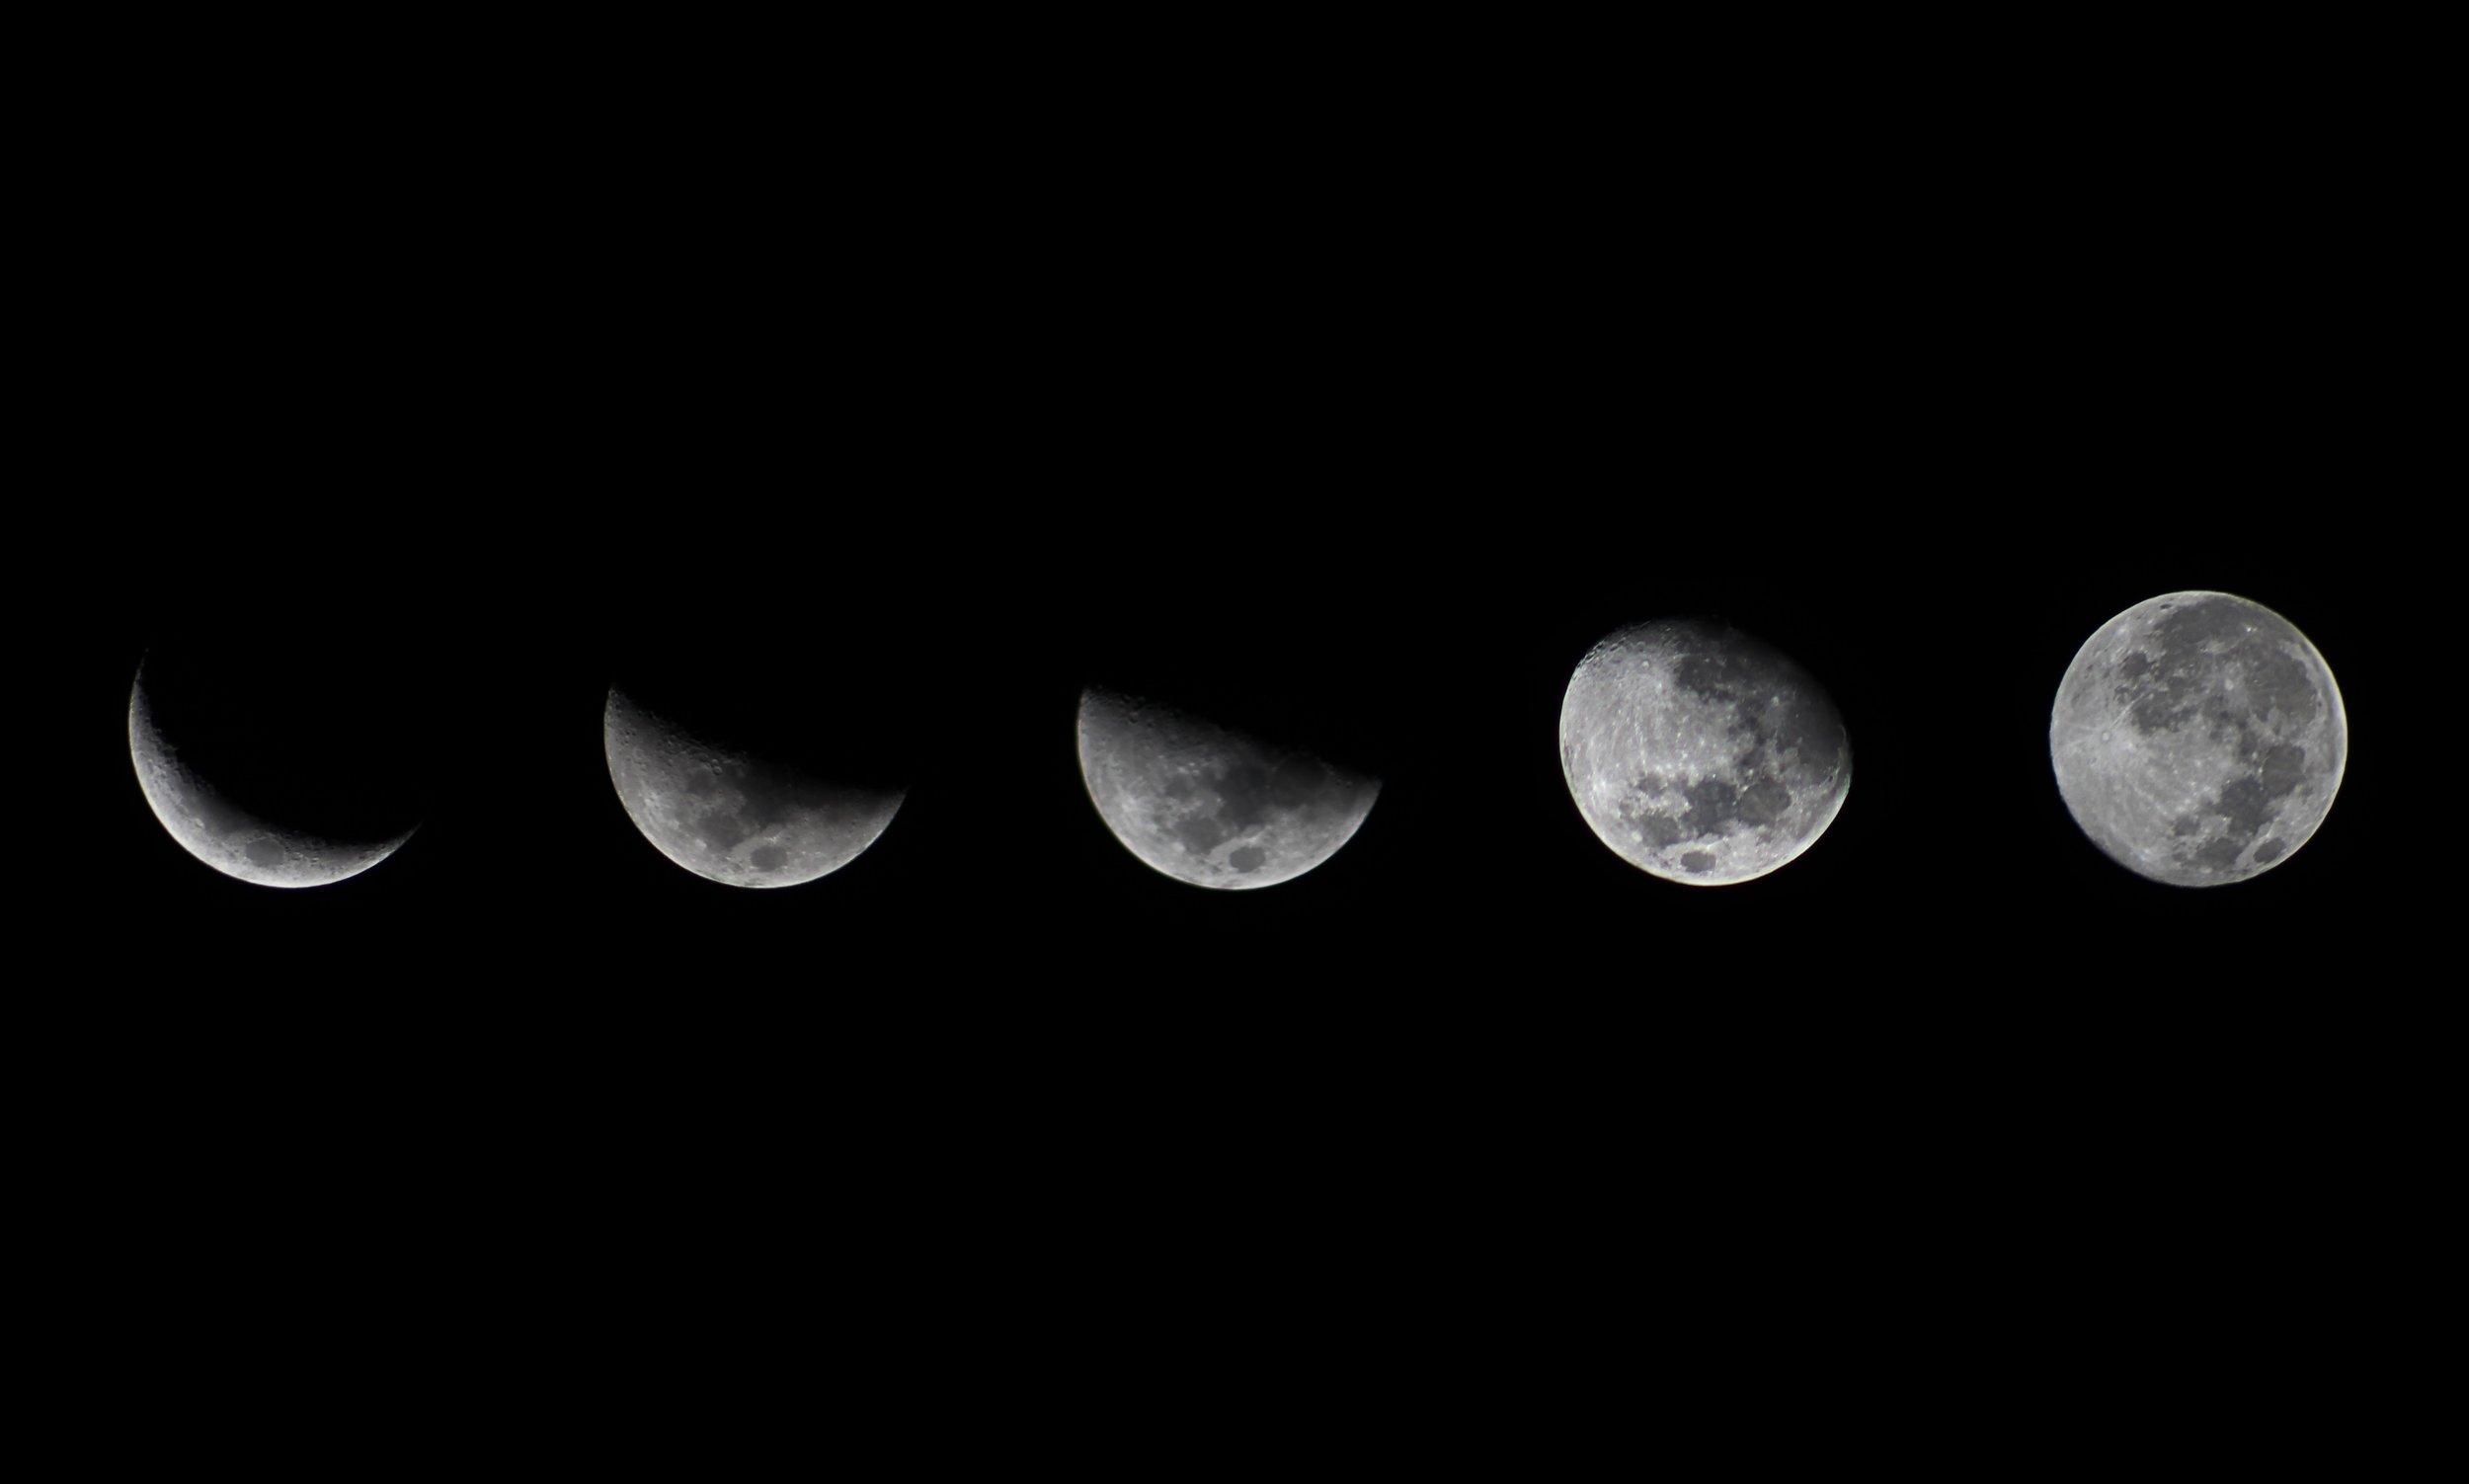 gianni-zanato-465463.jpg